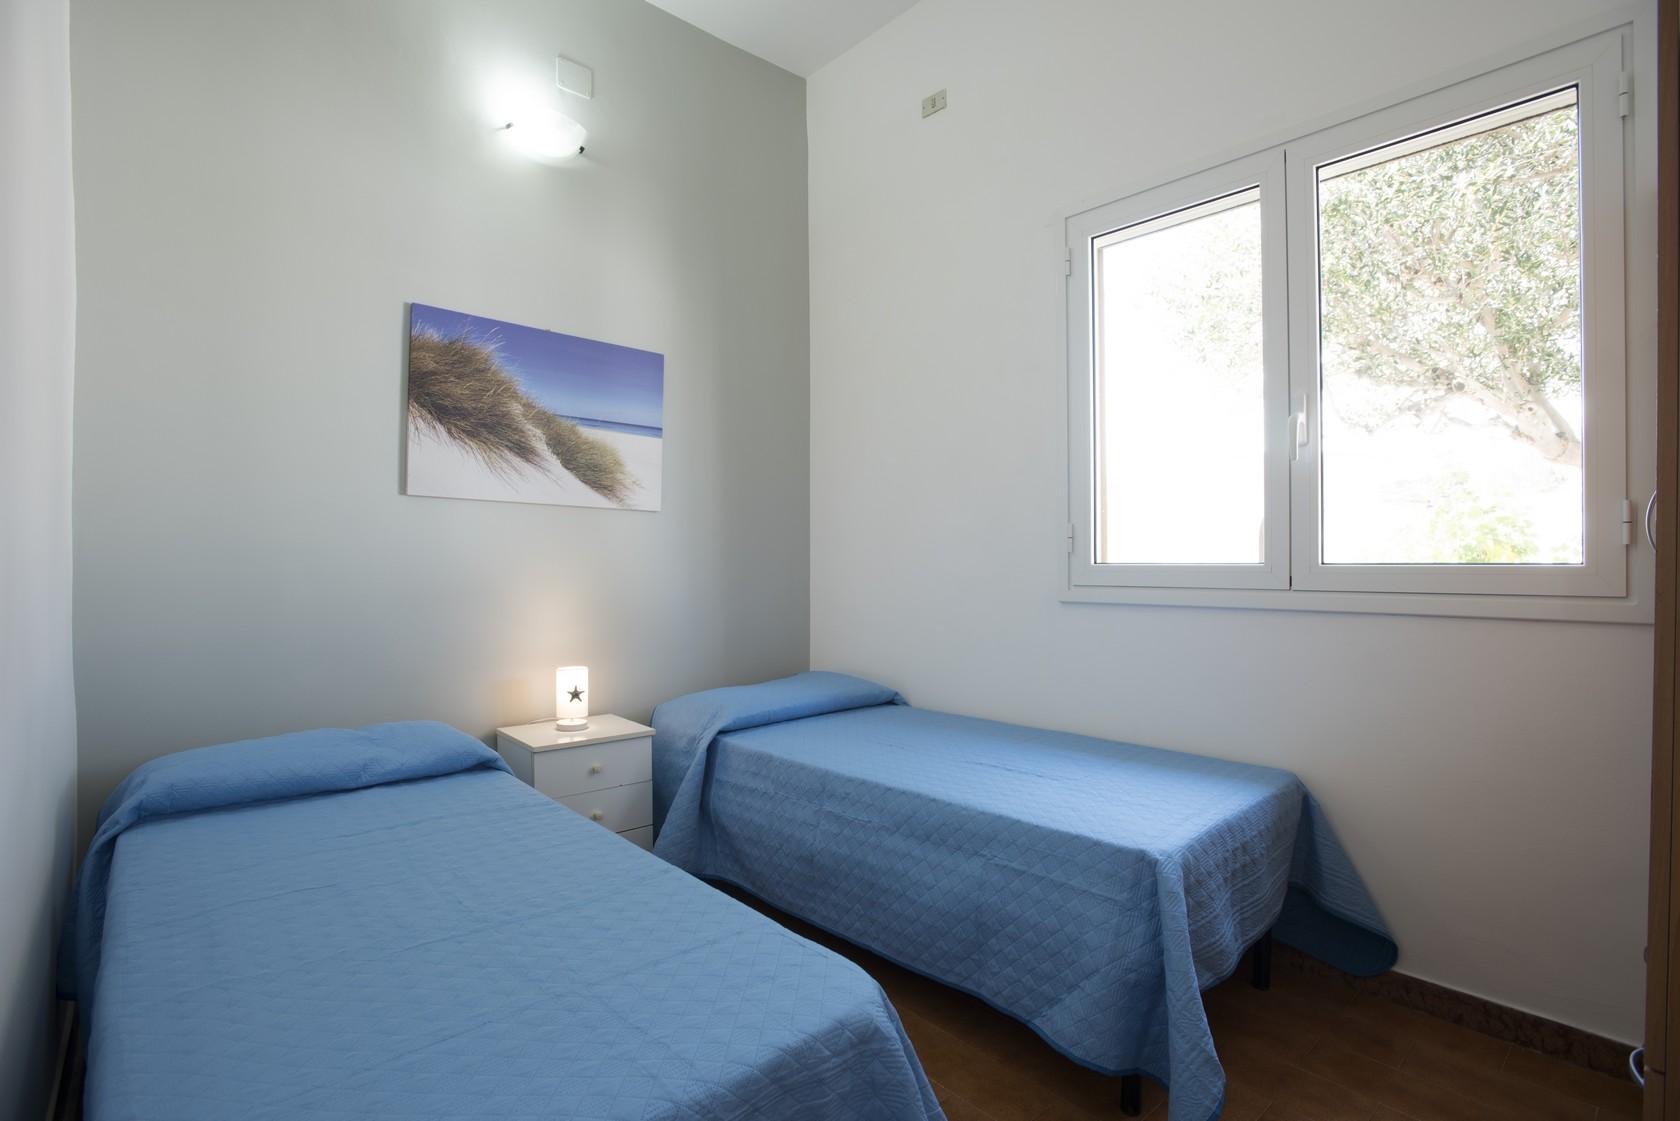 Ferienhaus Villa Desiderio, villa on the beach (2354061), Porto Cesareo, Lecce, Apulien, Italien, Bild 23